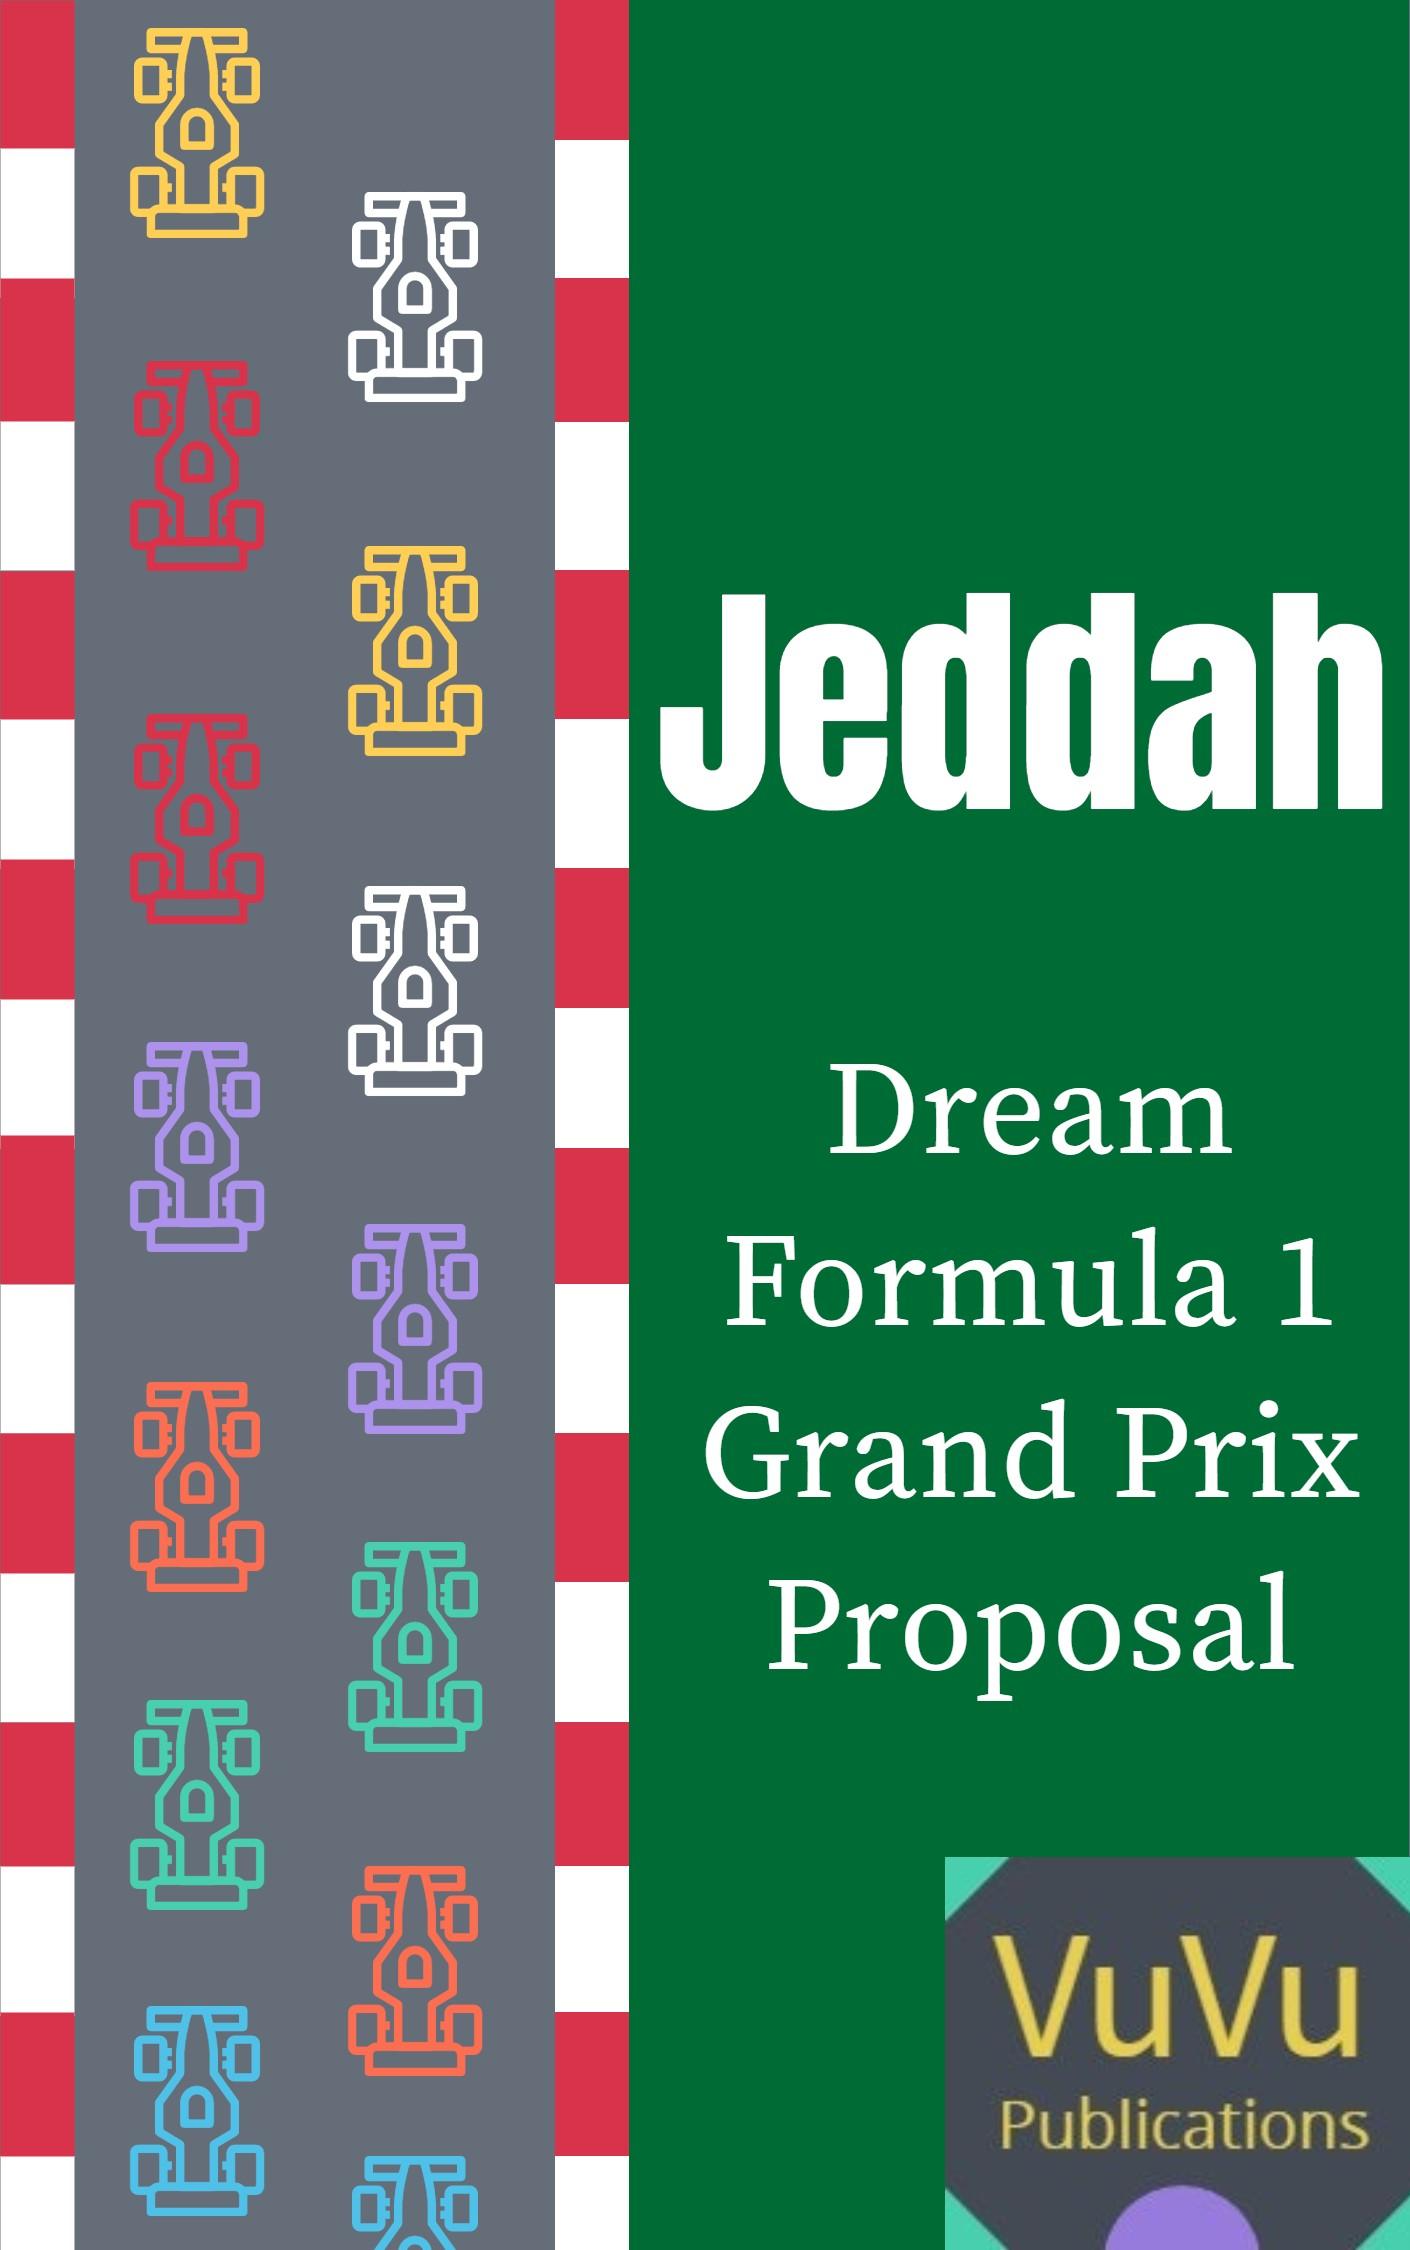 Jeddah-GP